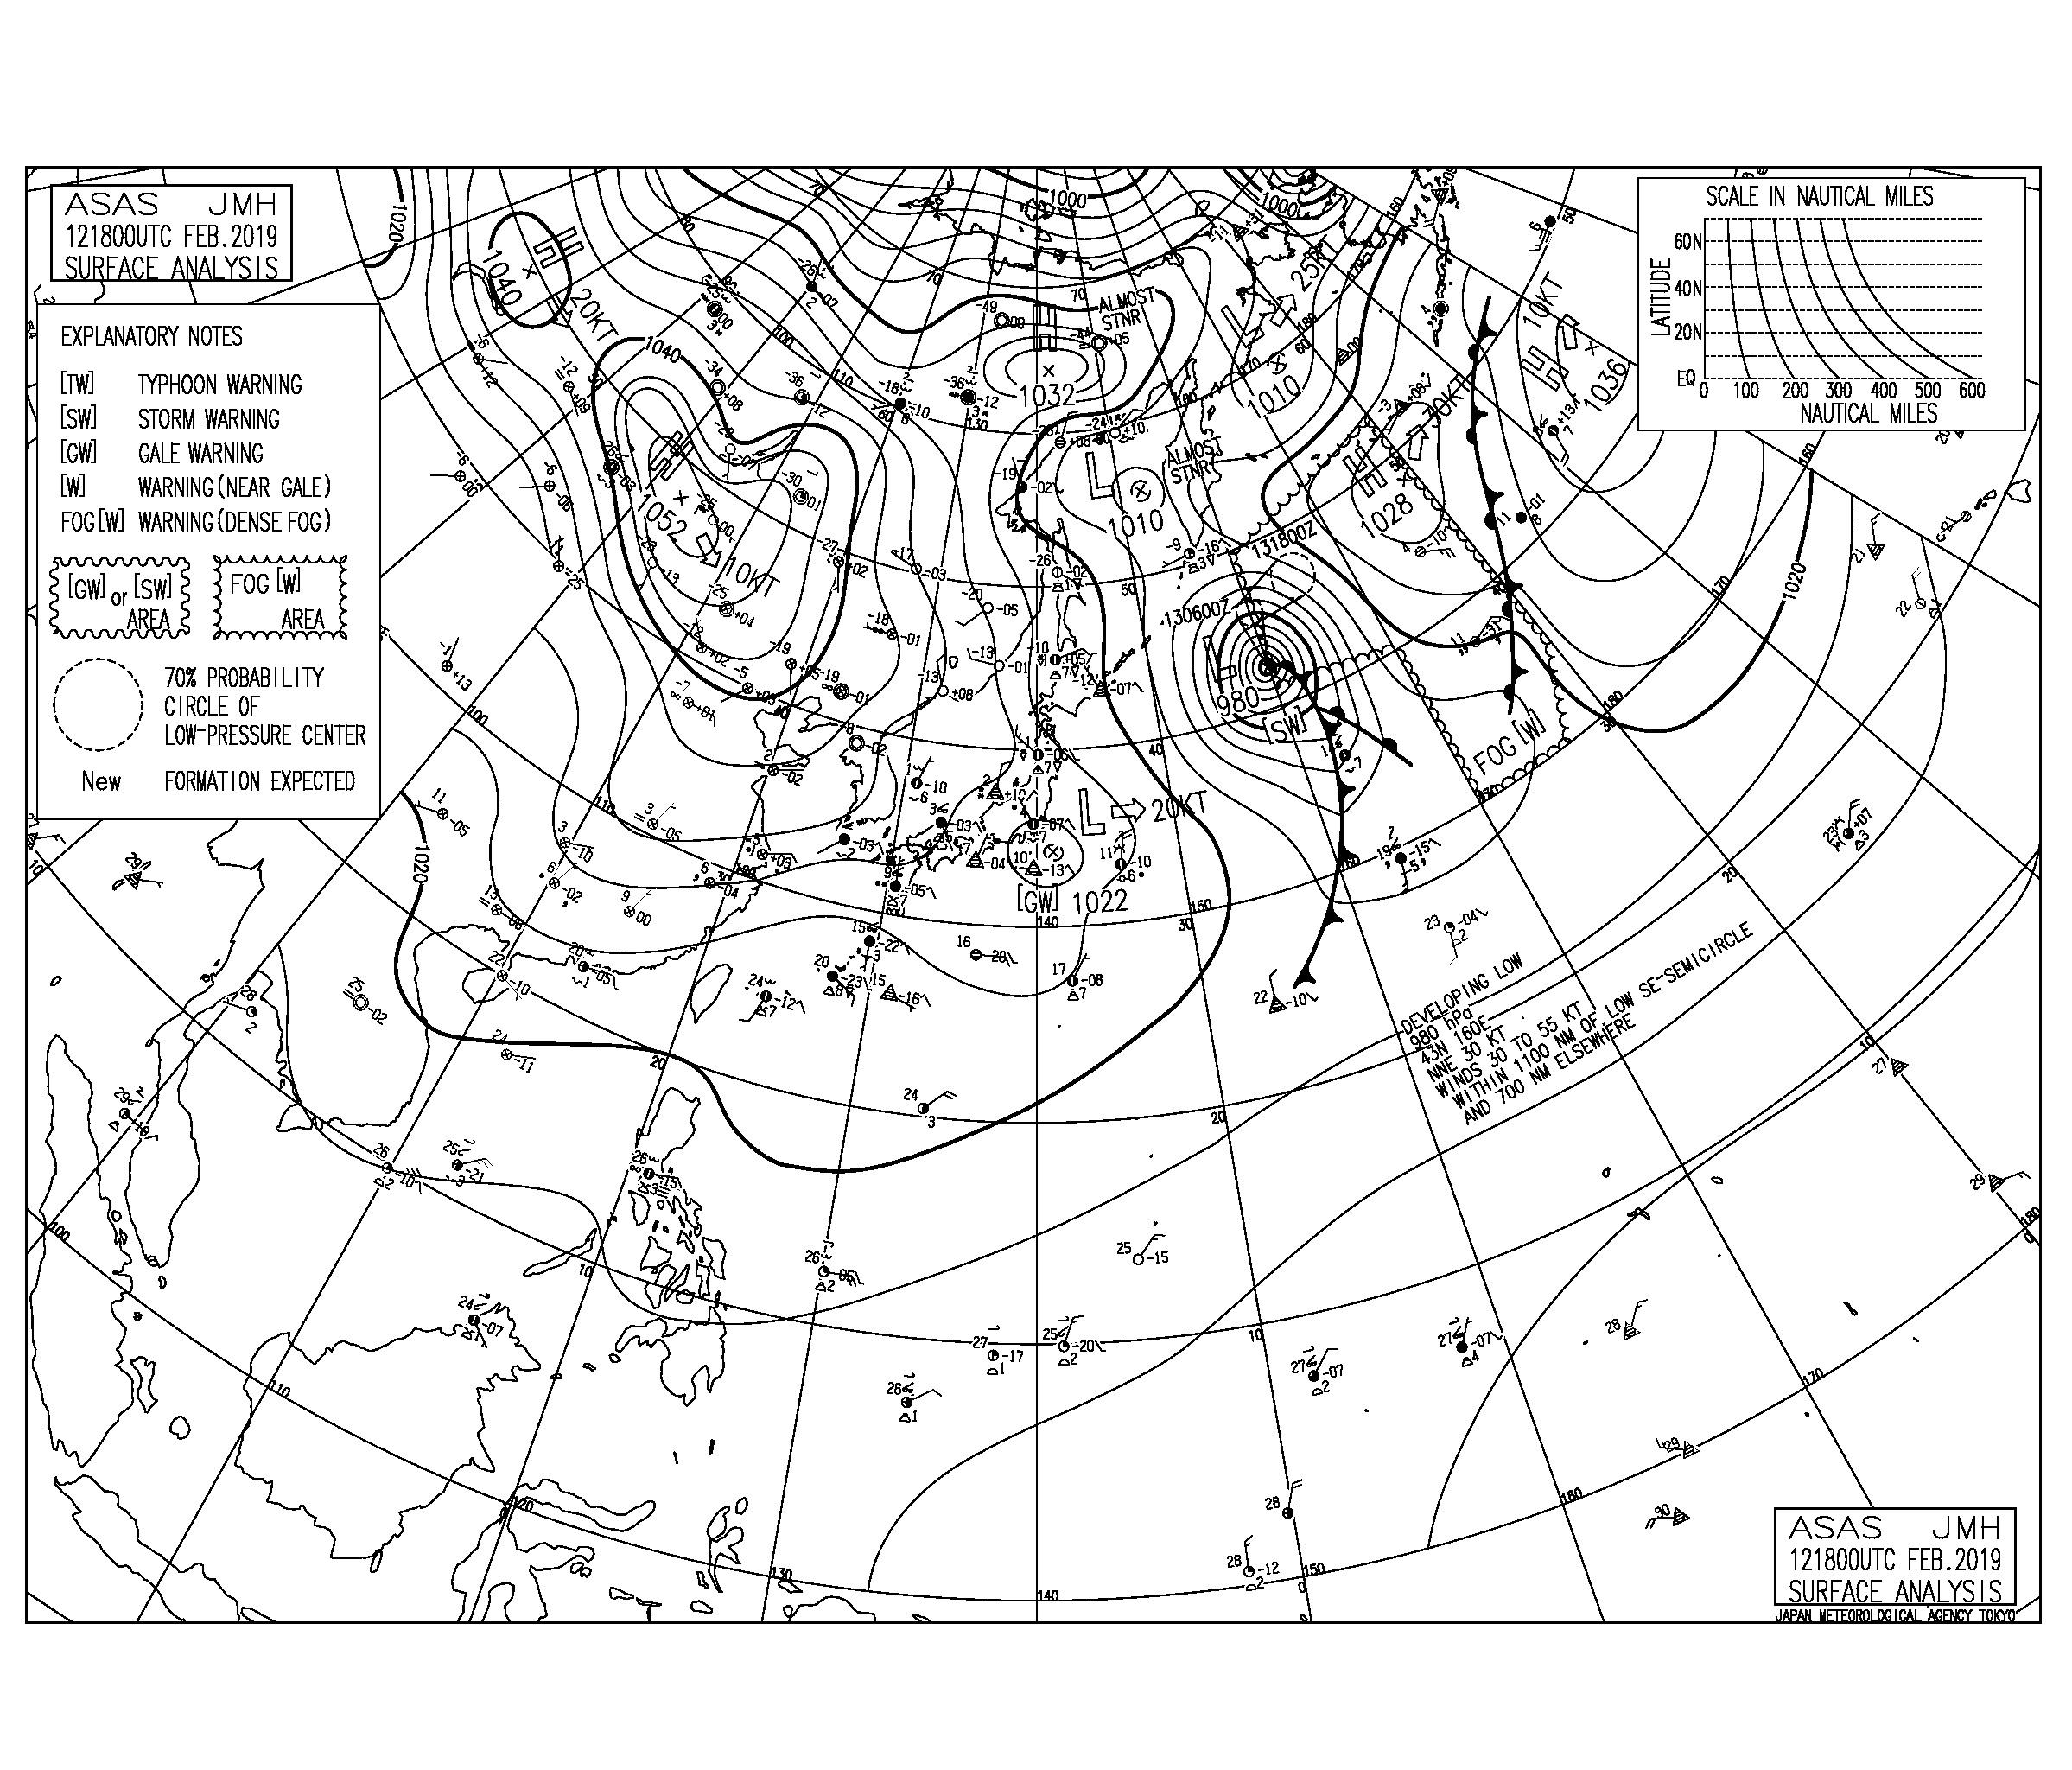 北東うねりが残りポイント選んでサーフィン可能【2019.2.13】